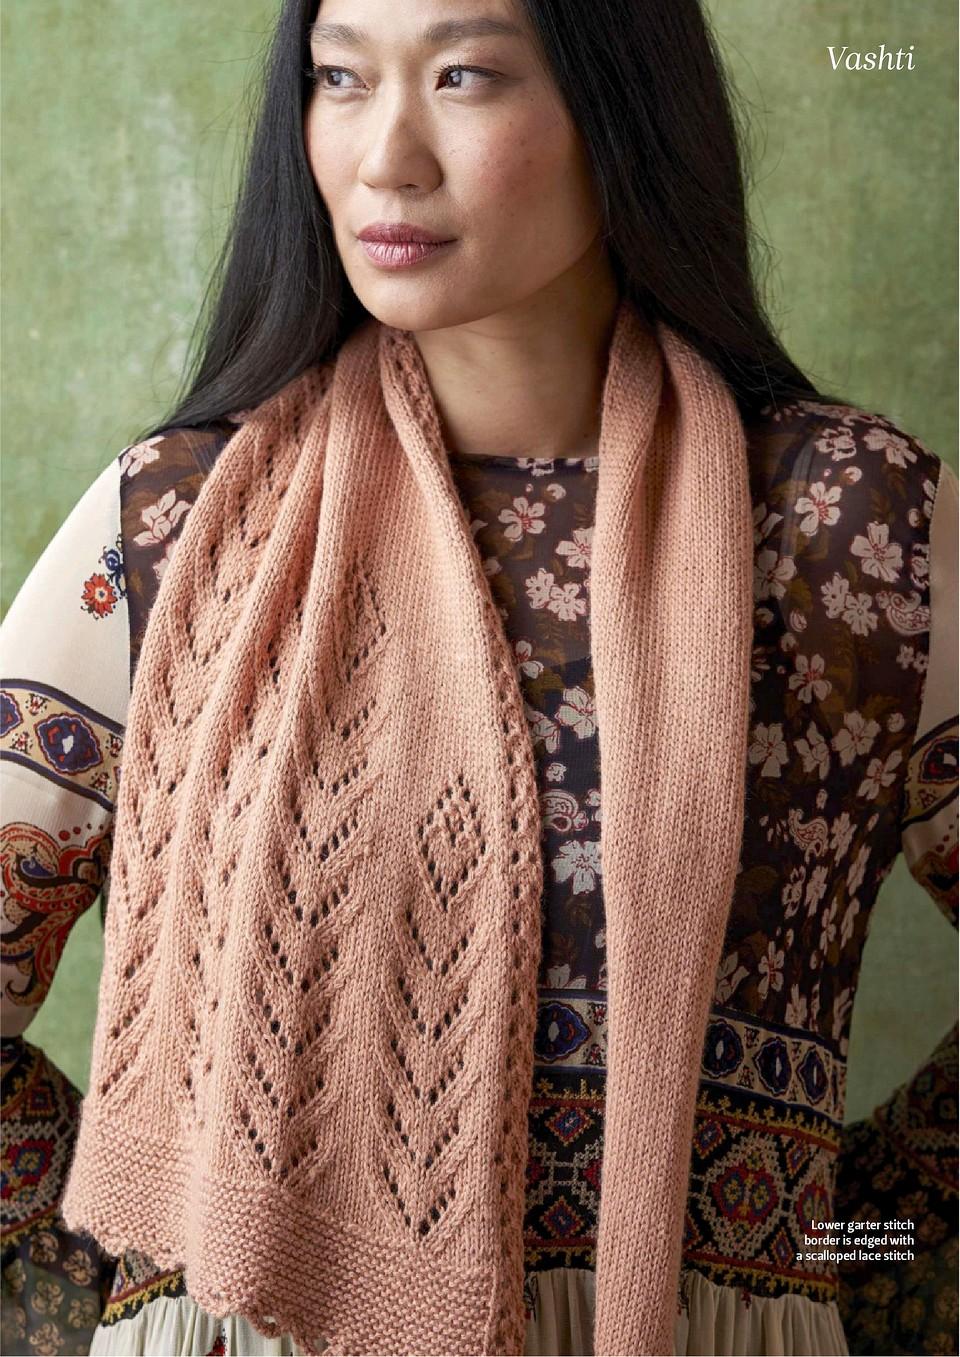 132The-Knitter-012